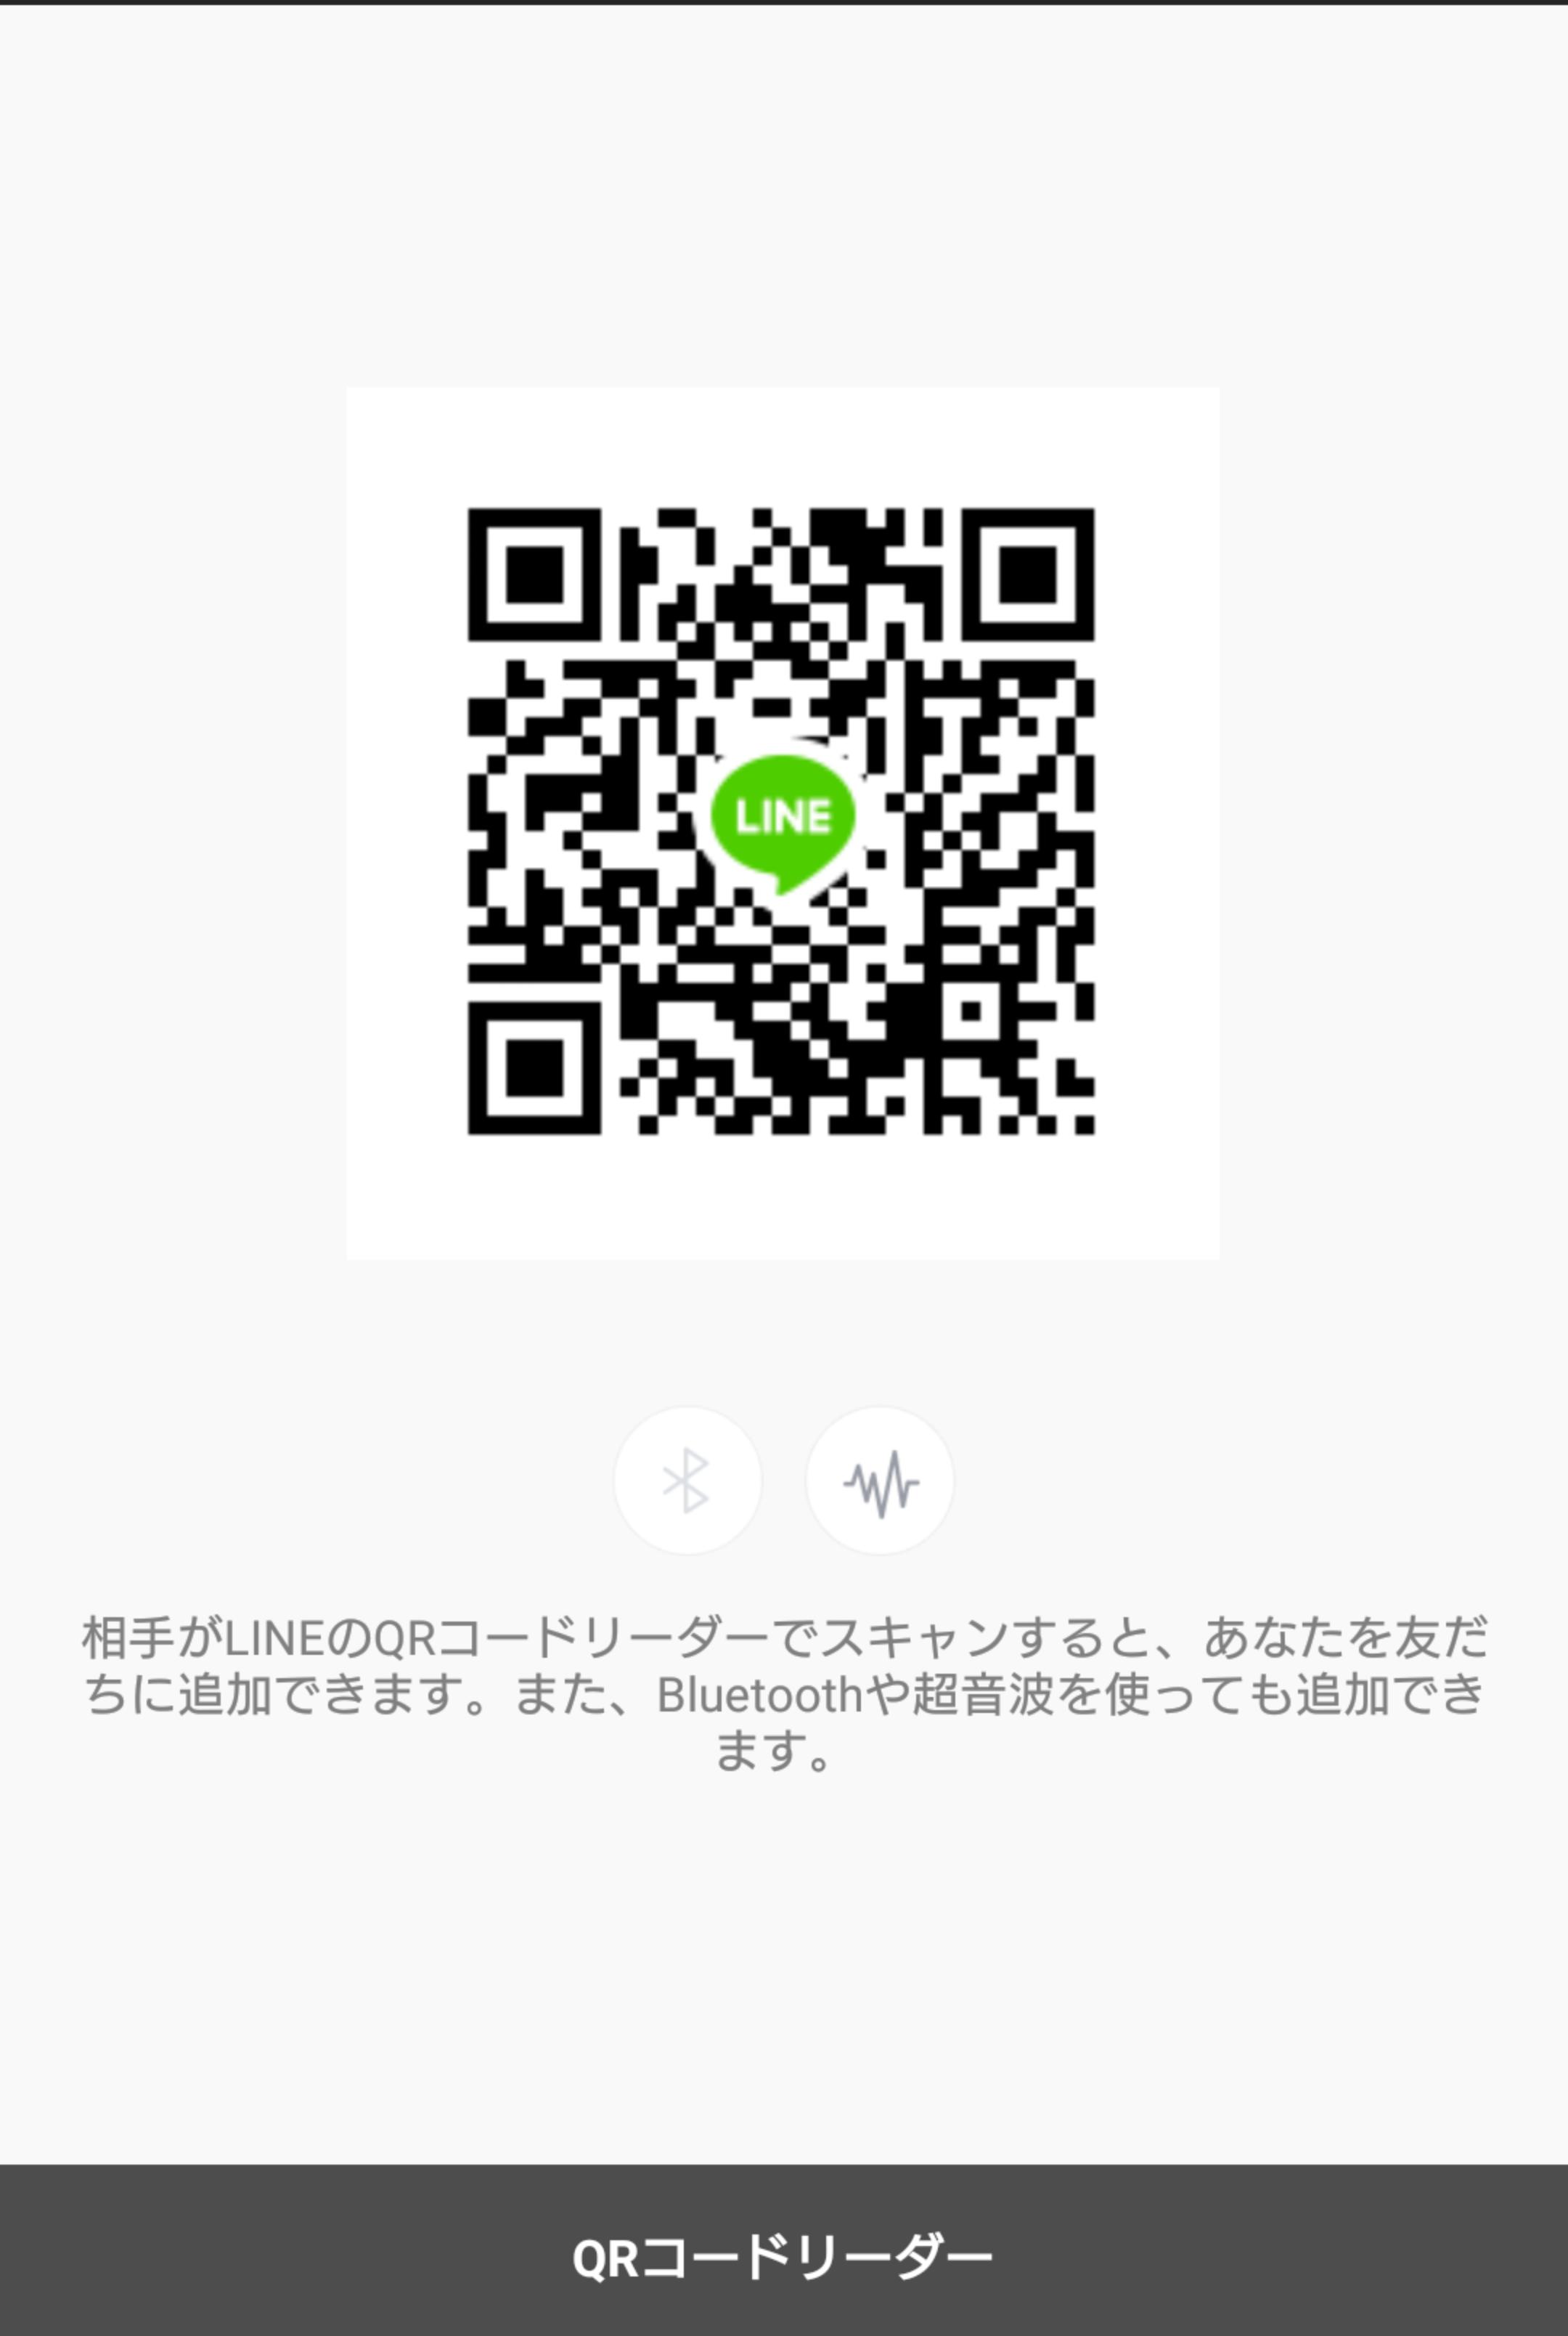 ゆうこさんのLINE QRコード